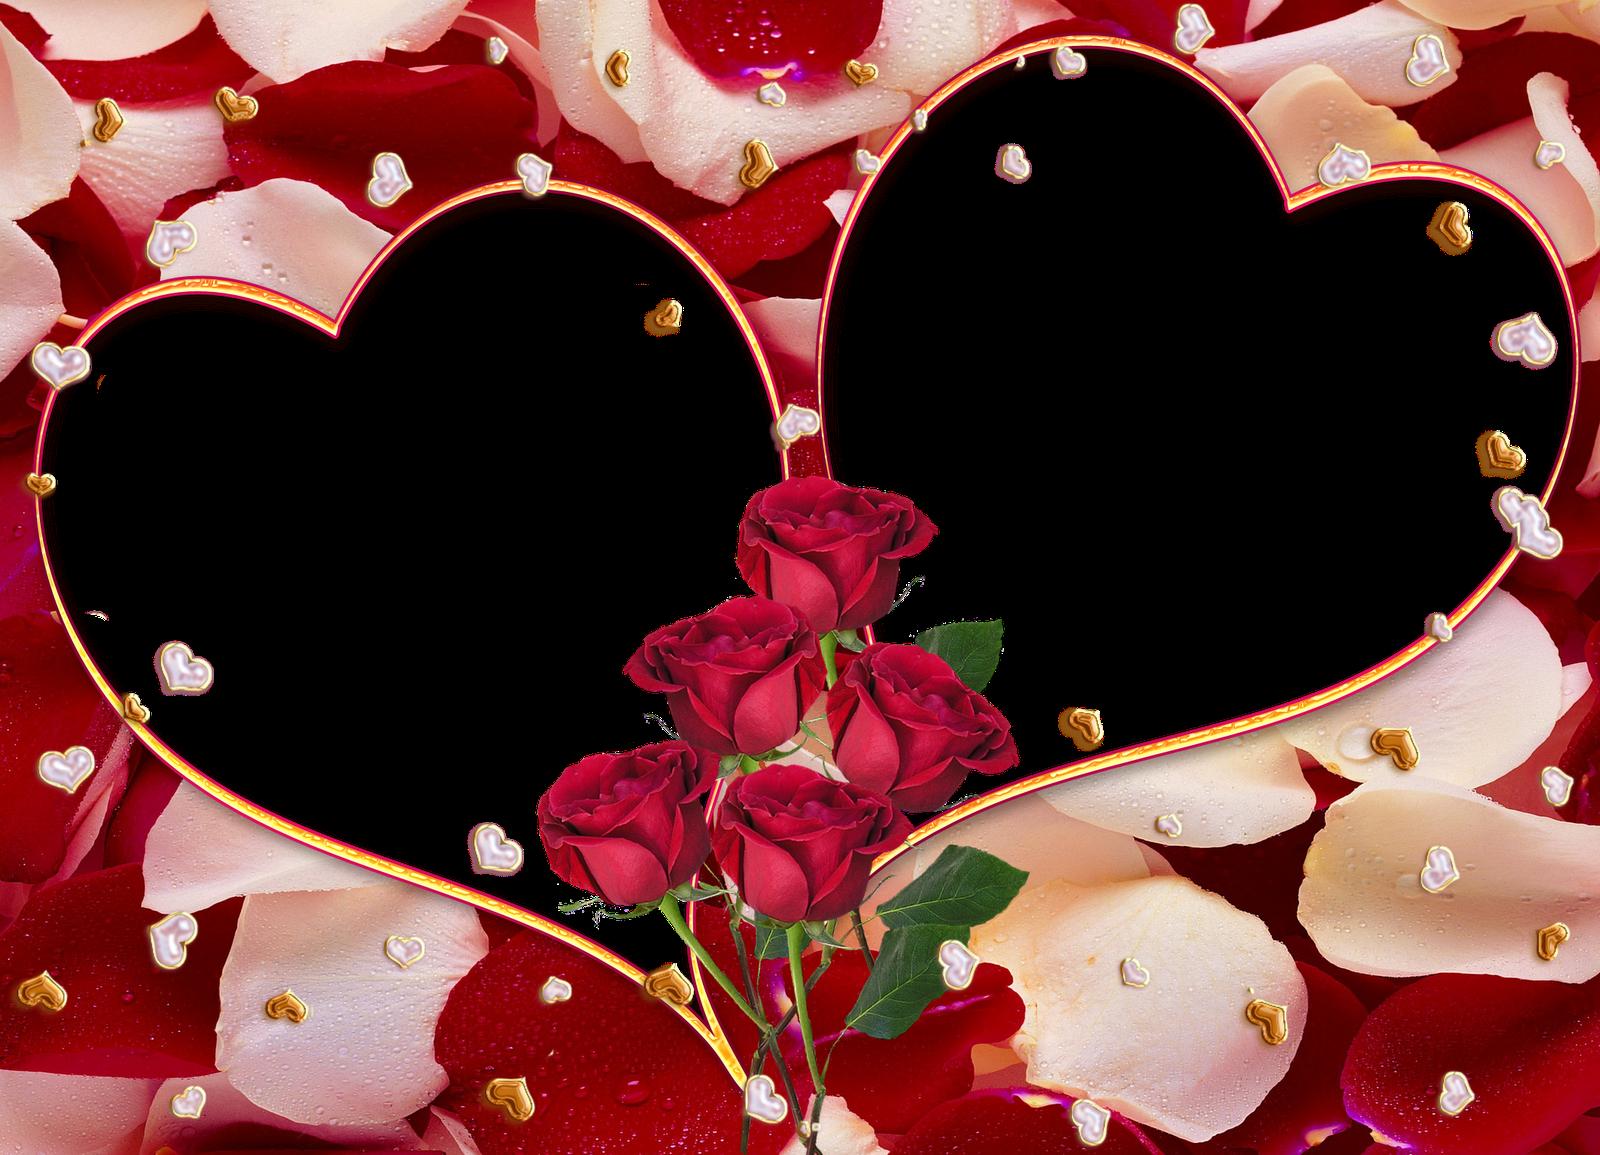 براويز واطارات. 2017 , اطارات , براويز , جديده , رائعه واطارات رهيبة وجميلة ونادرة على شكل قلوب ود 2013_1380748536_722.